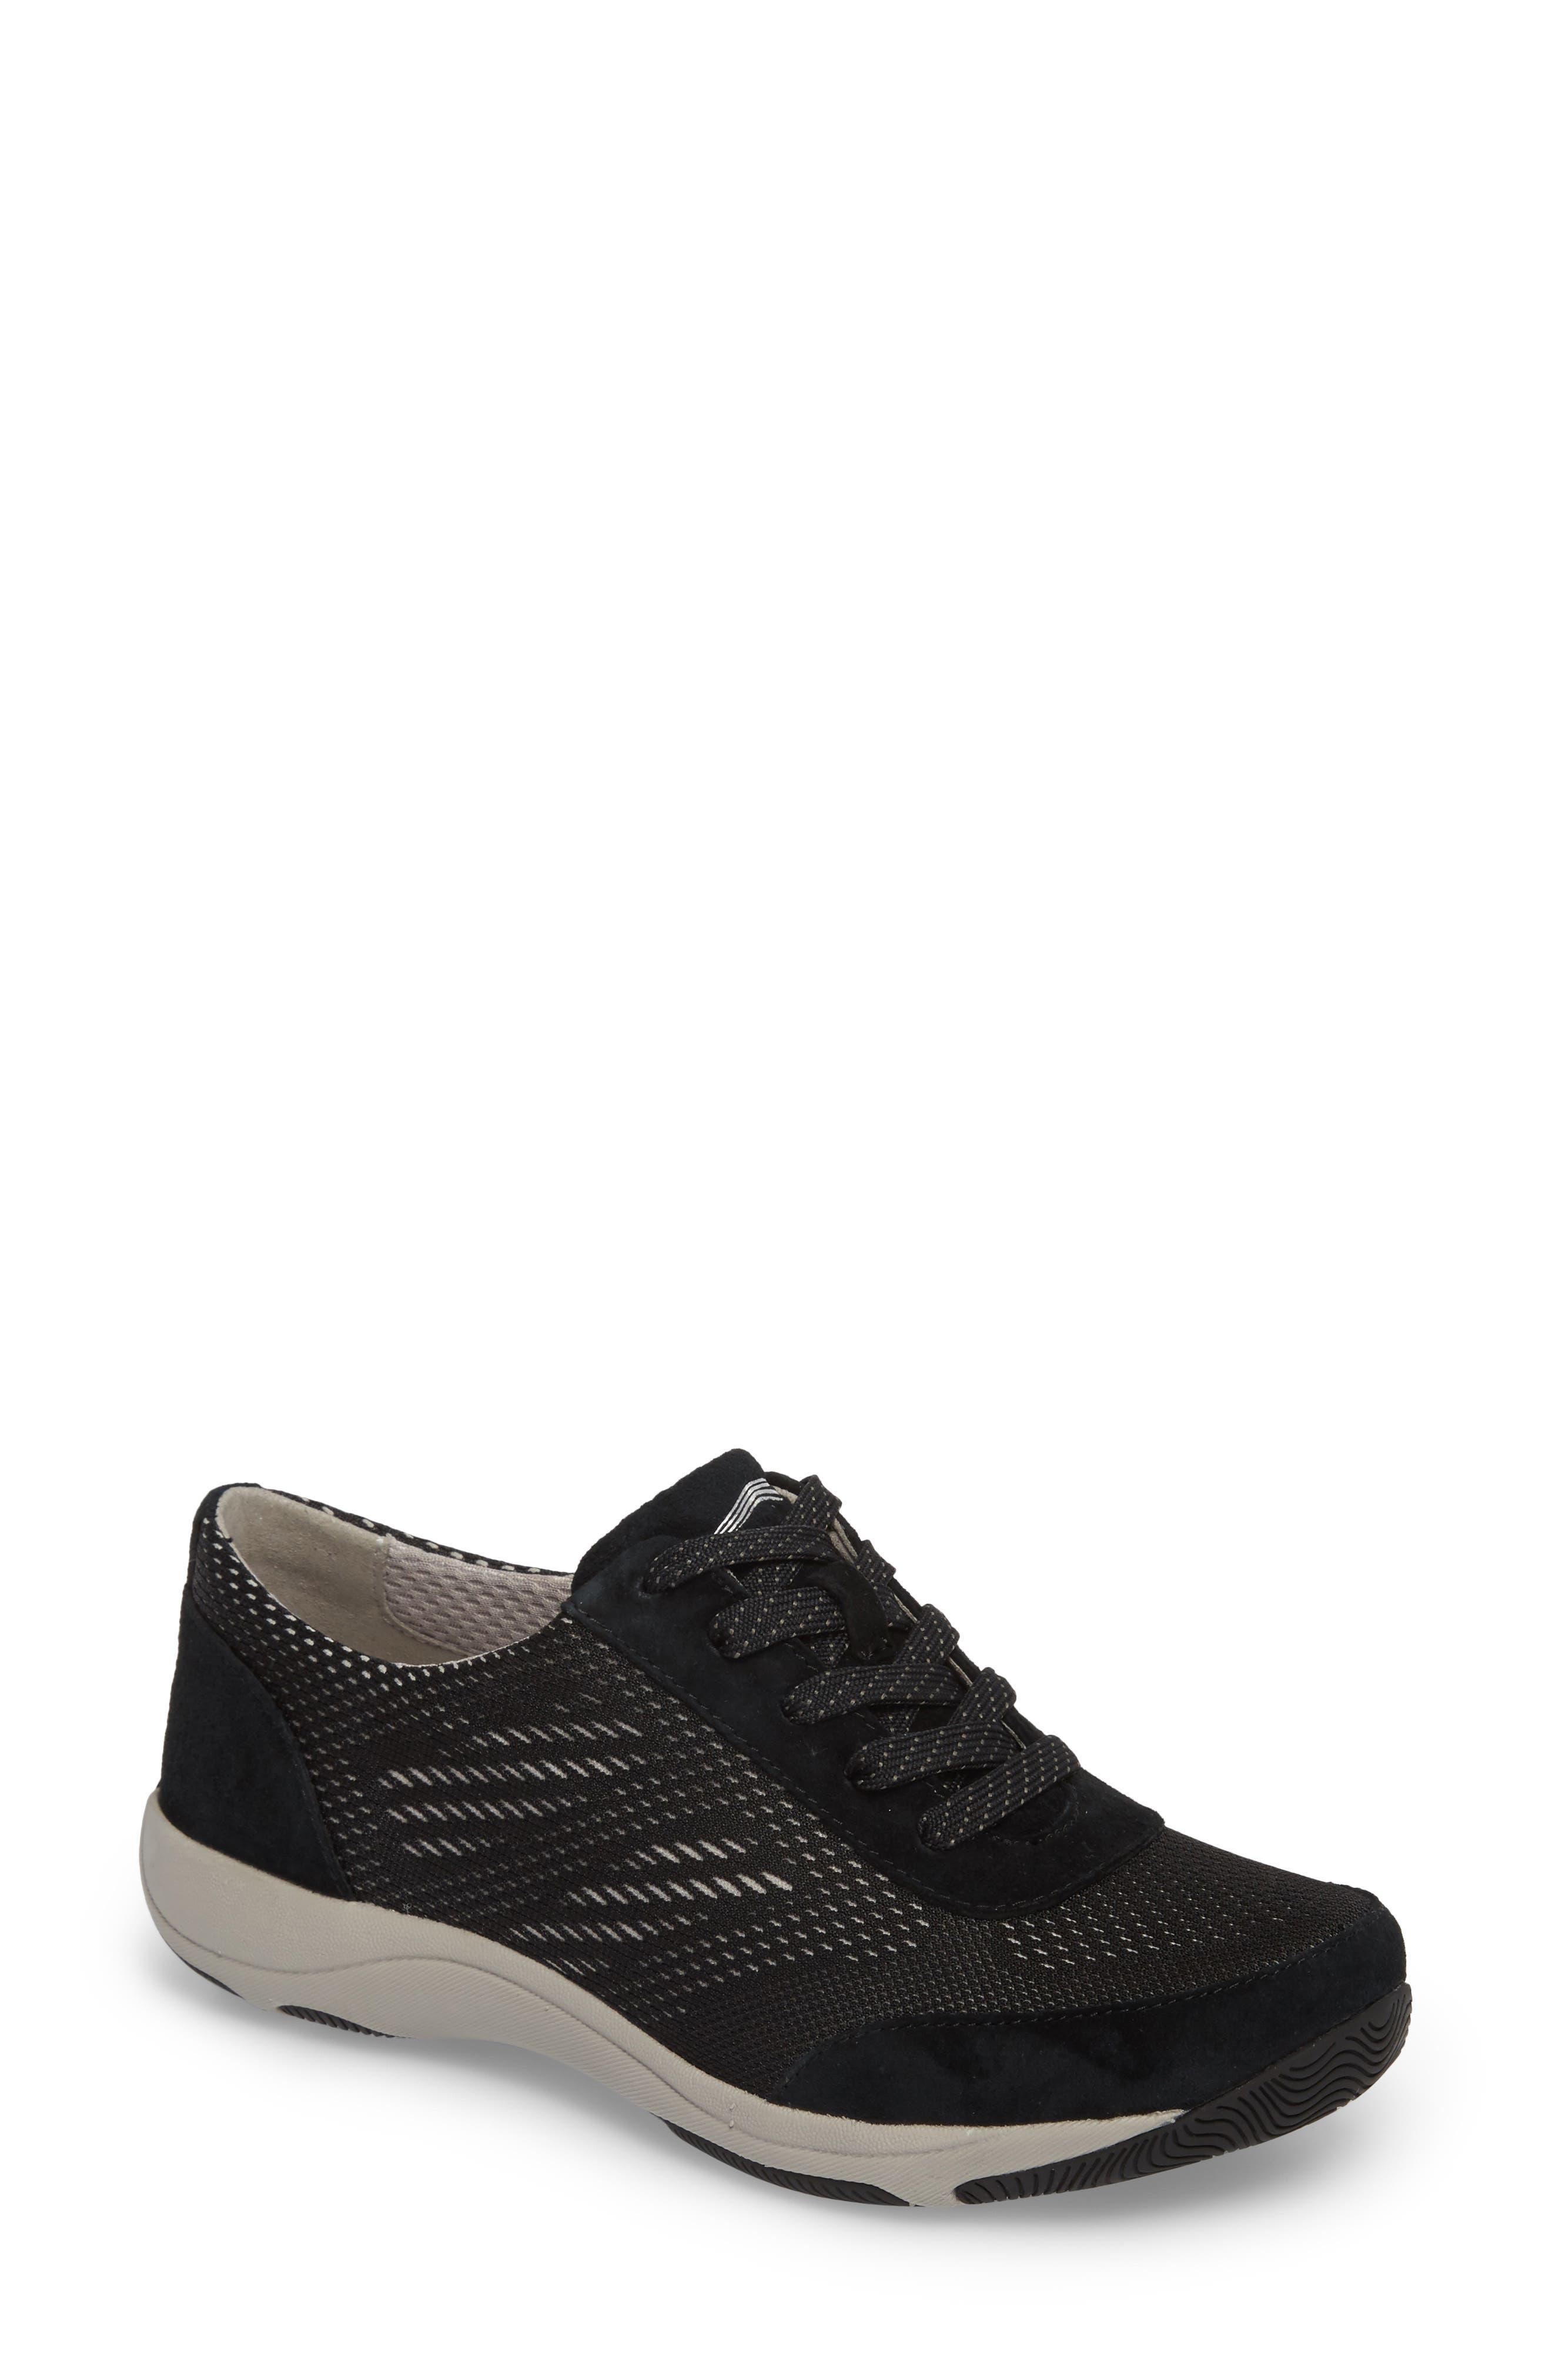 Hayes Sneaker, Black Suede